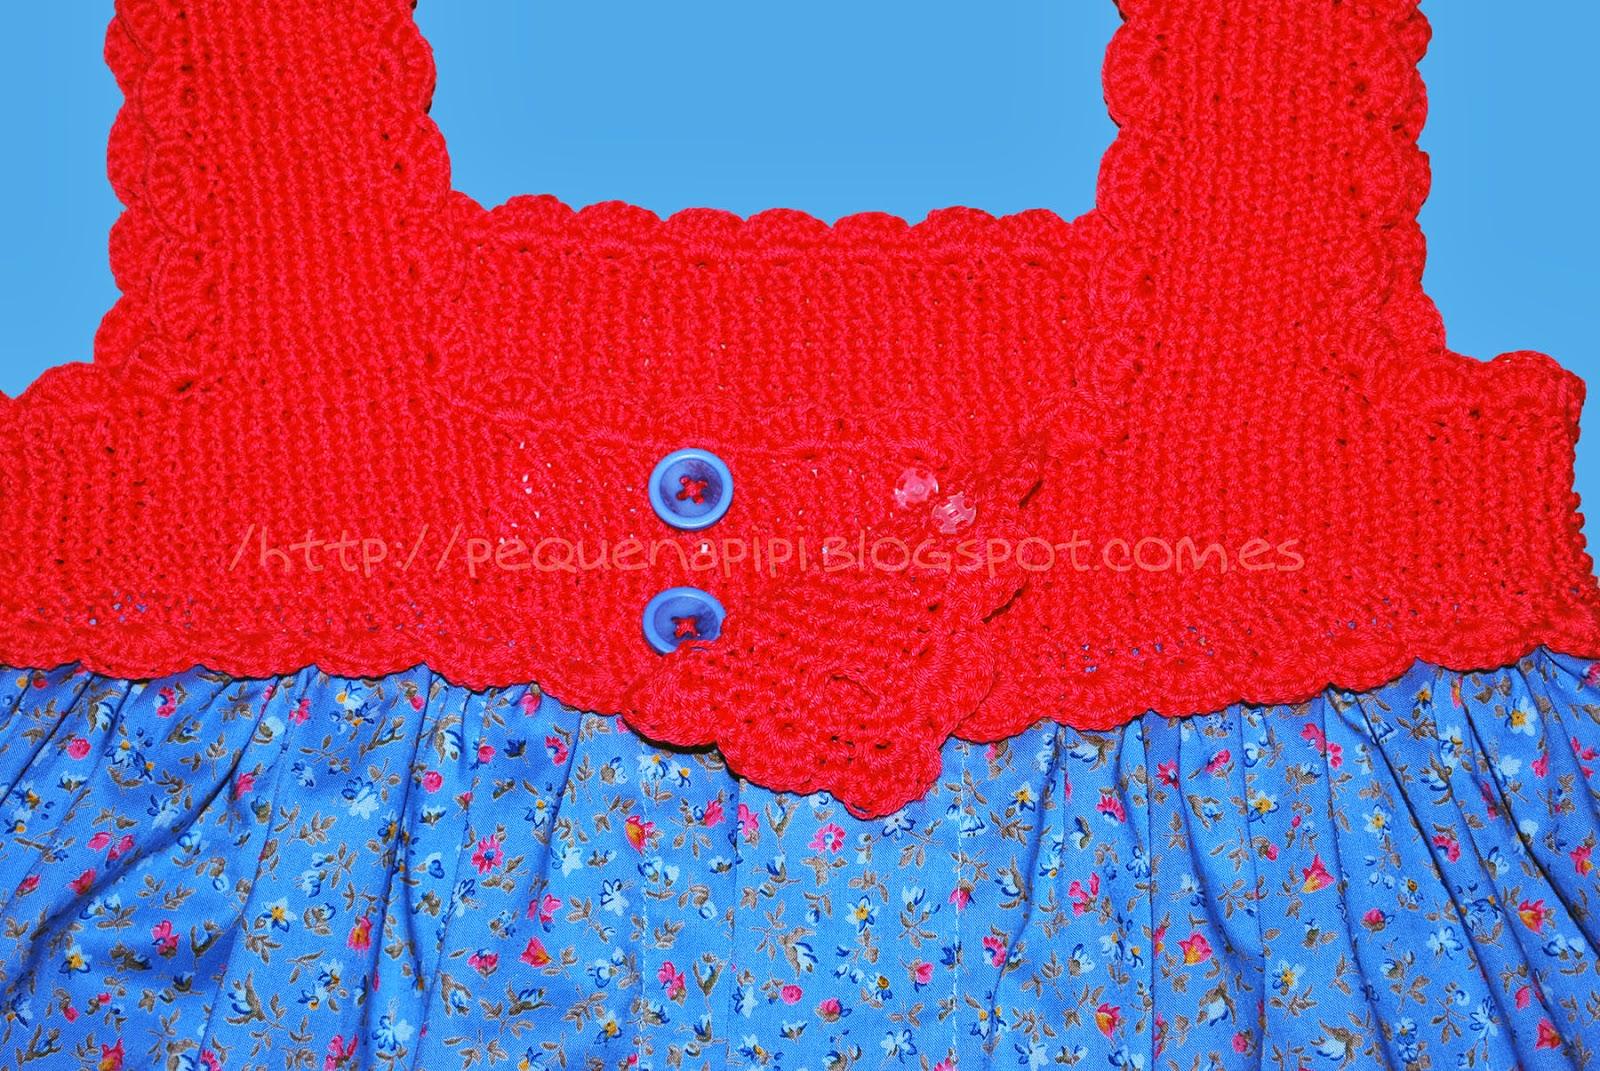 vestido - Vestido con canesu de punto arroz DSC_0253